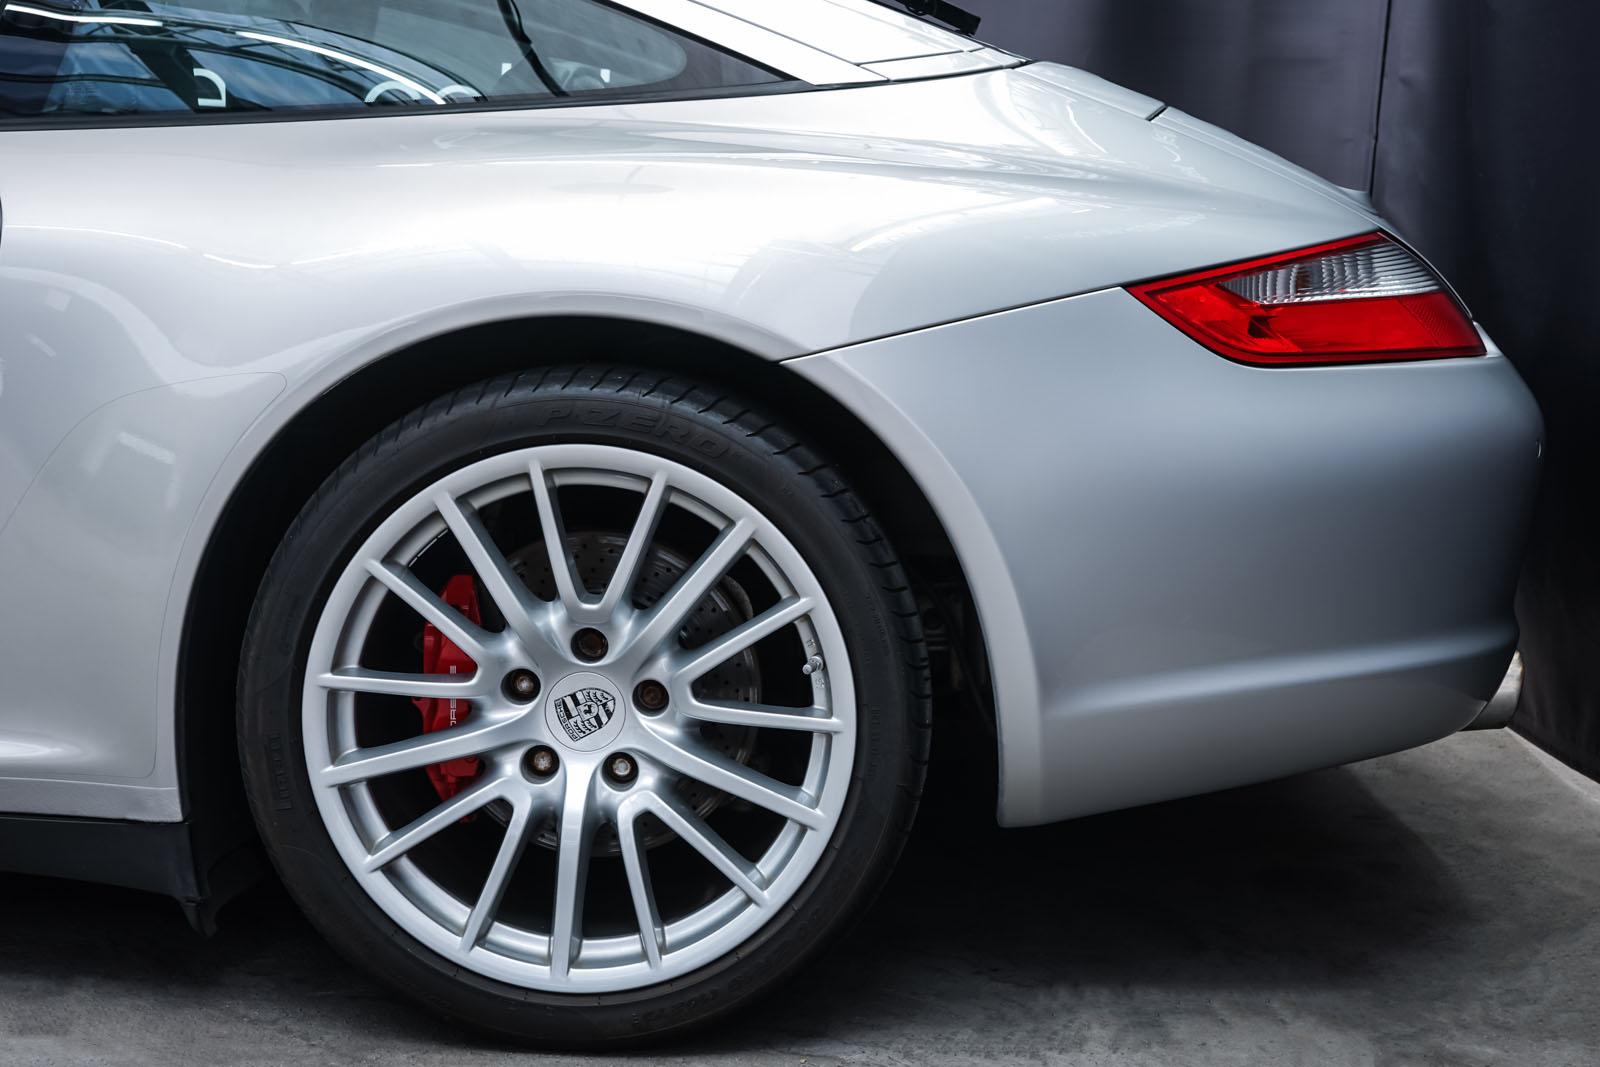 Porsche_997_Targa4s_Silber_Grau_POR-0477_4_w